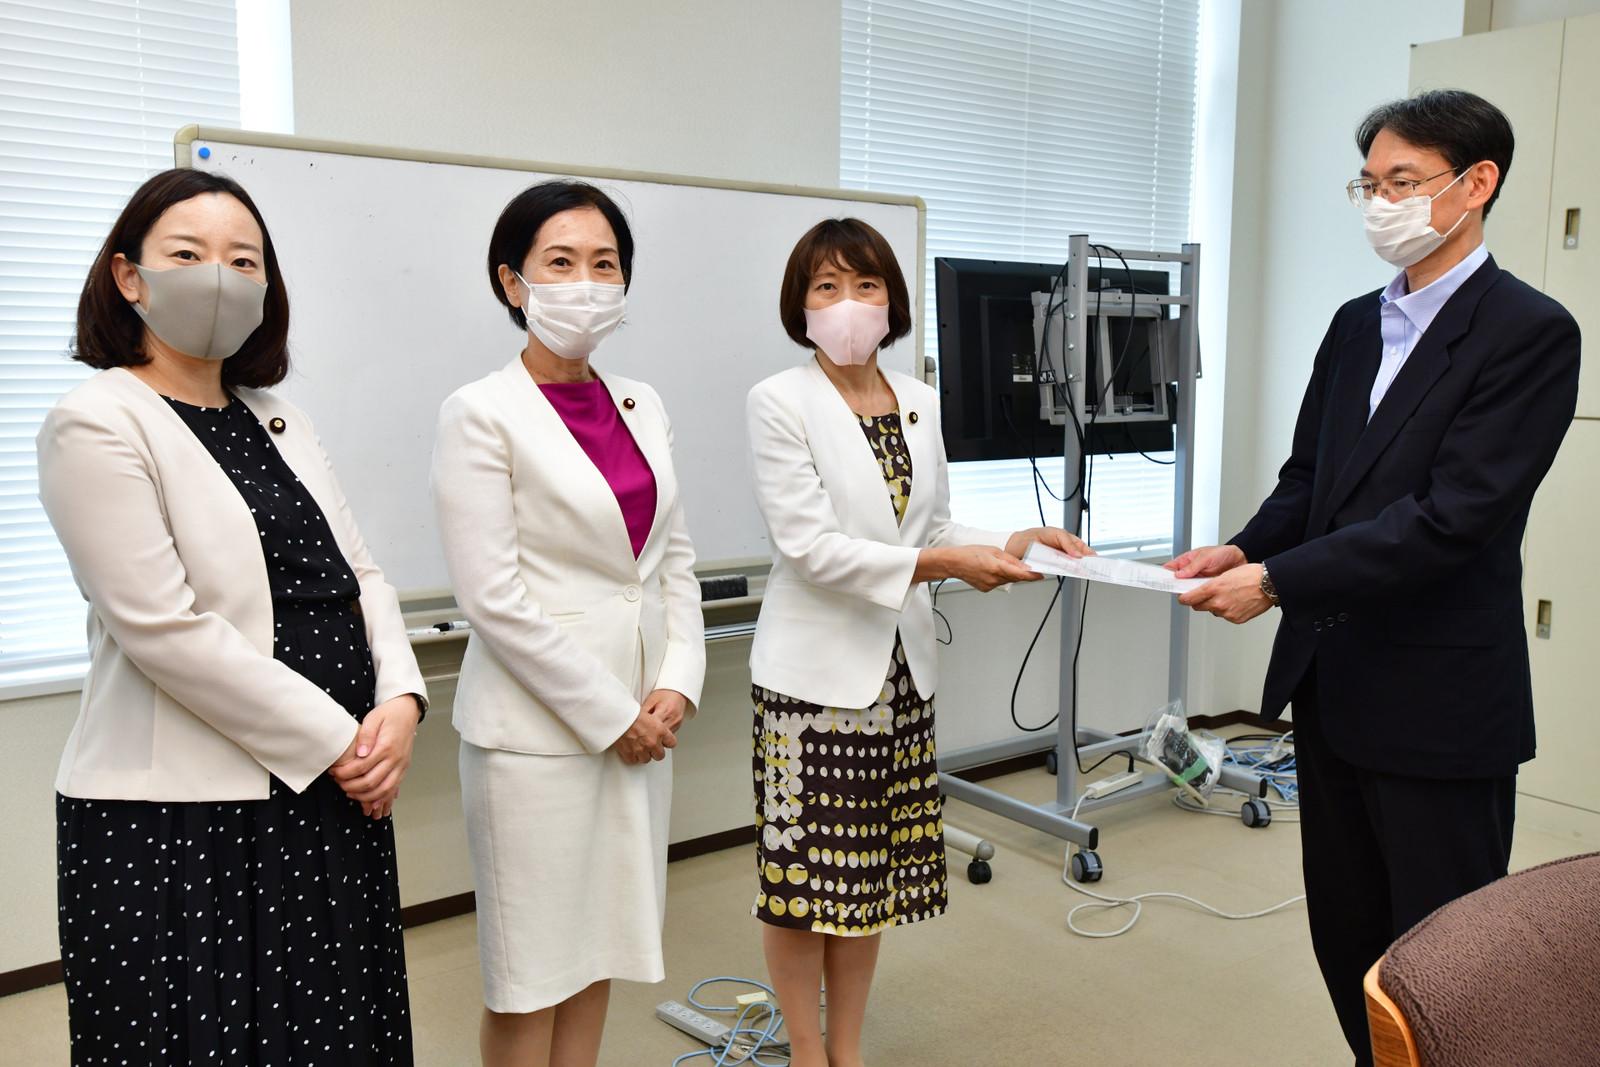 文科省に申し入れる(左から)吉良、畑野、田村の各氏=11日、文科省